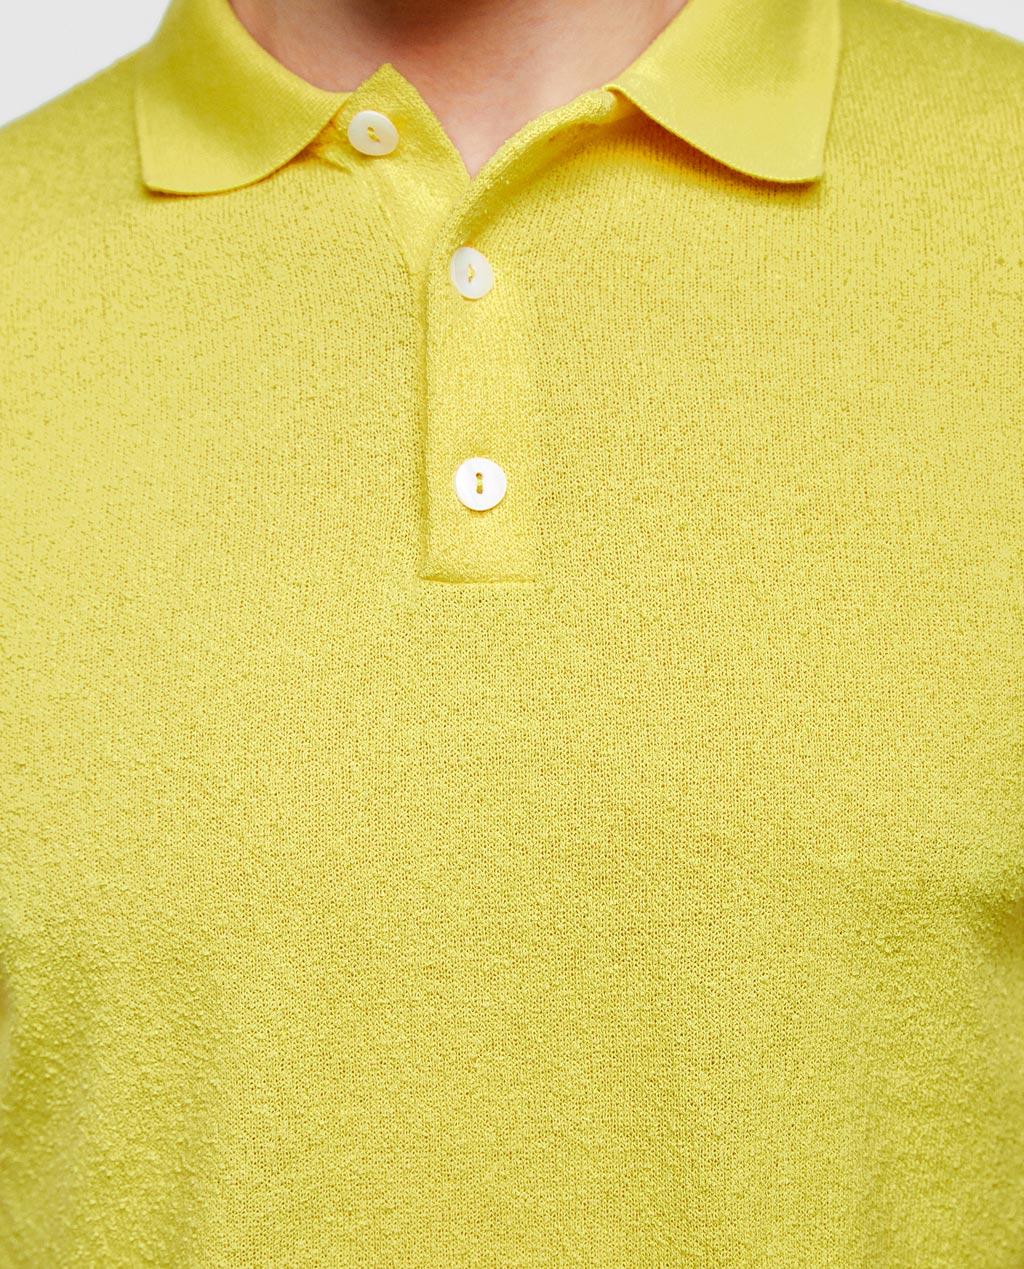 Thời trang nam Zara  24108 - ảnh 7